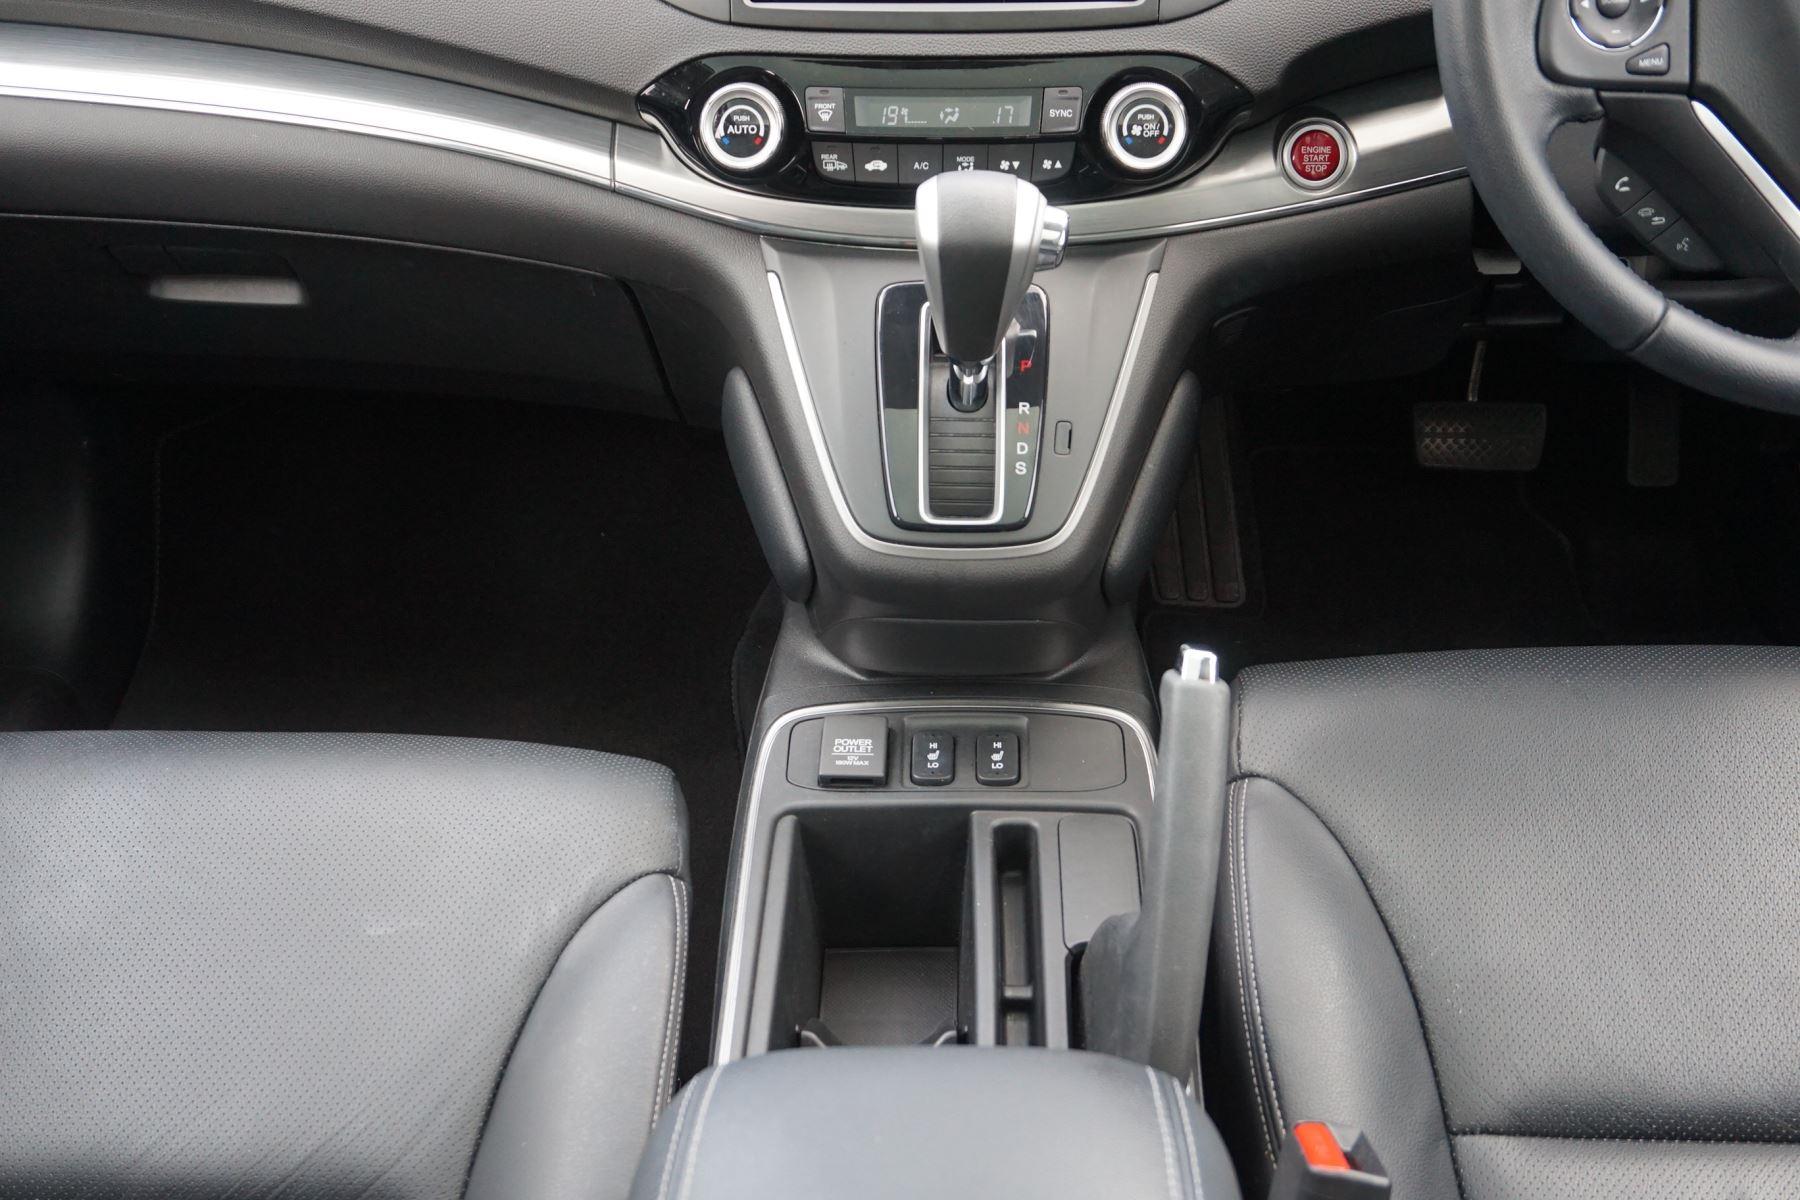 Honda CR-V 2.0 i-VTEC EX 5dr image 19